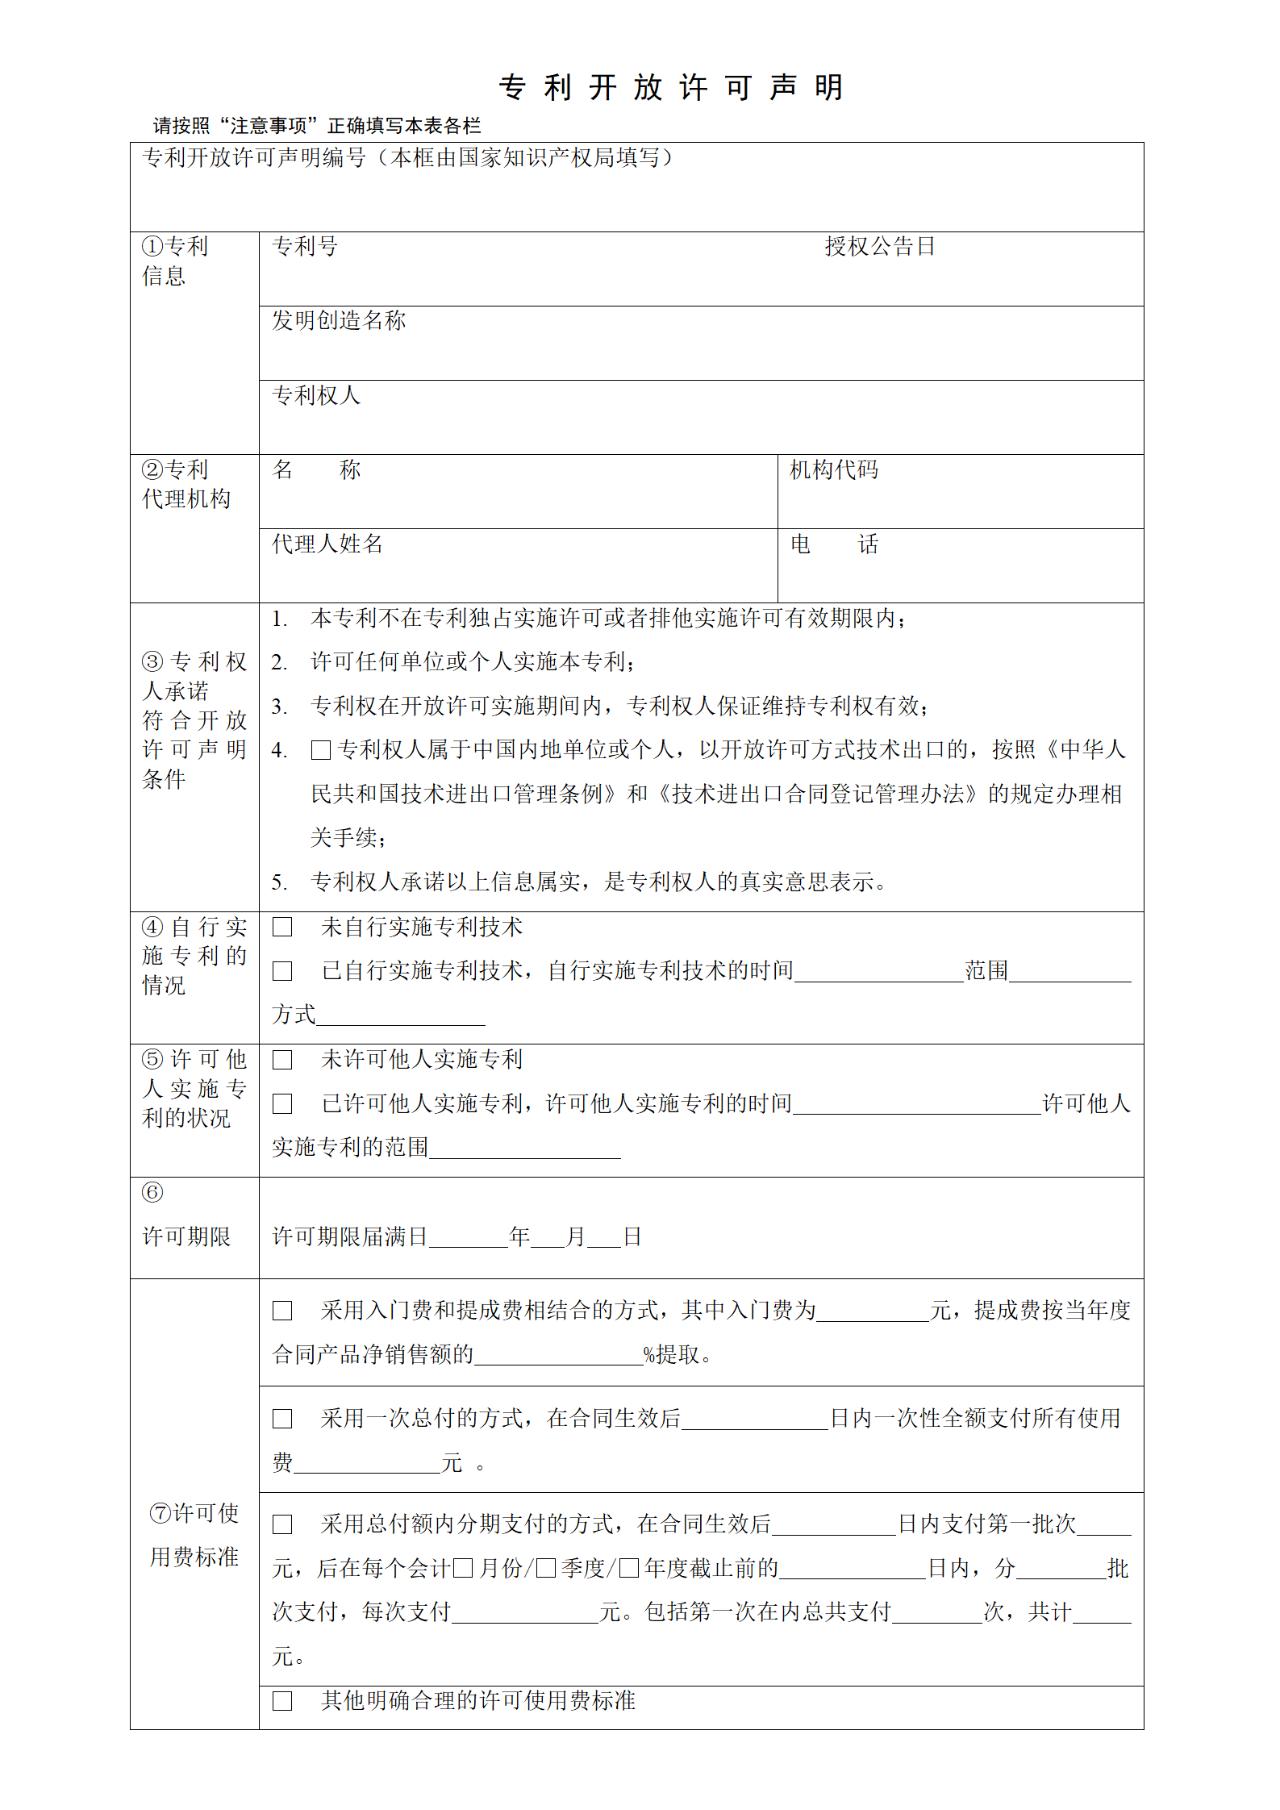 国知局:6月1日启用新专利法修改的17个表格